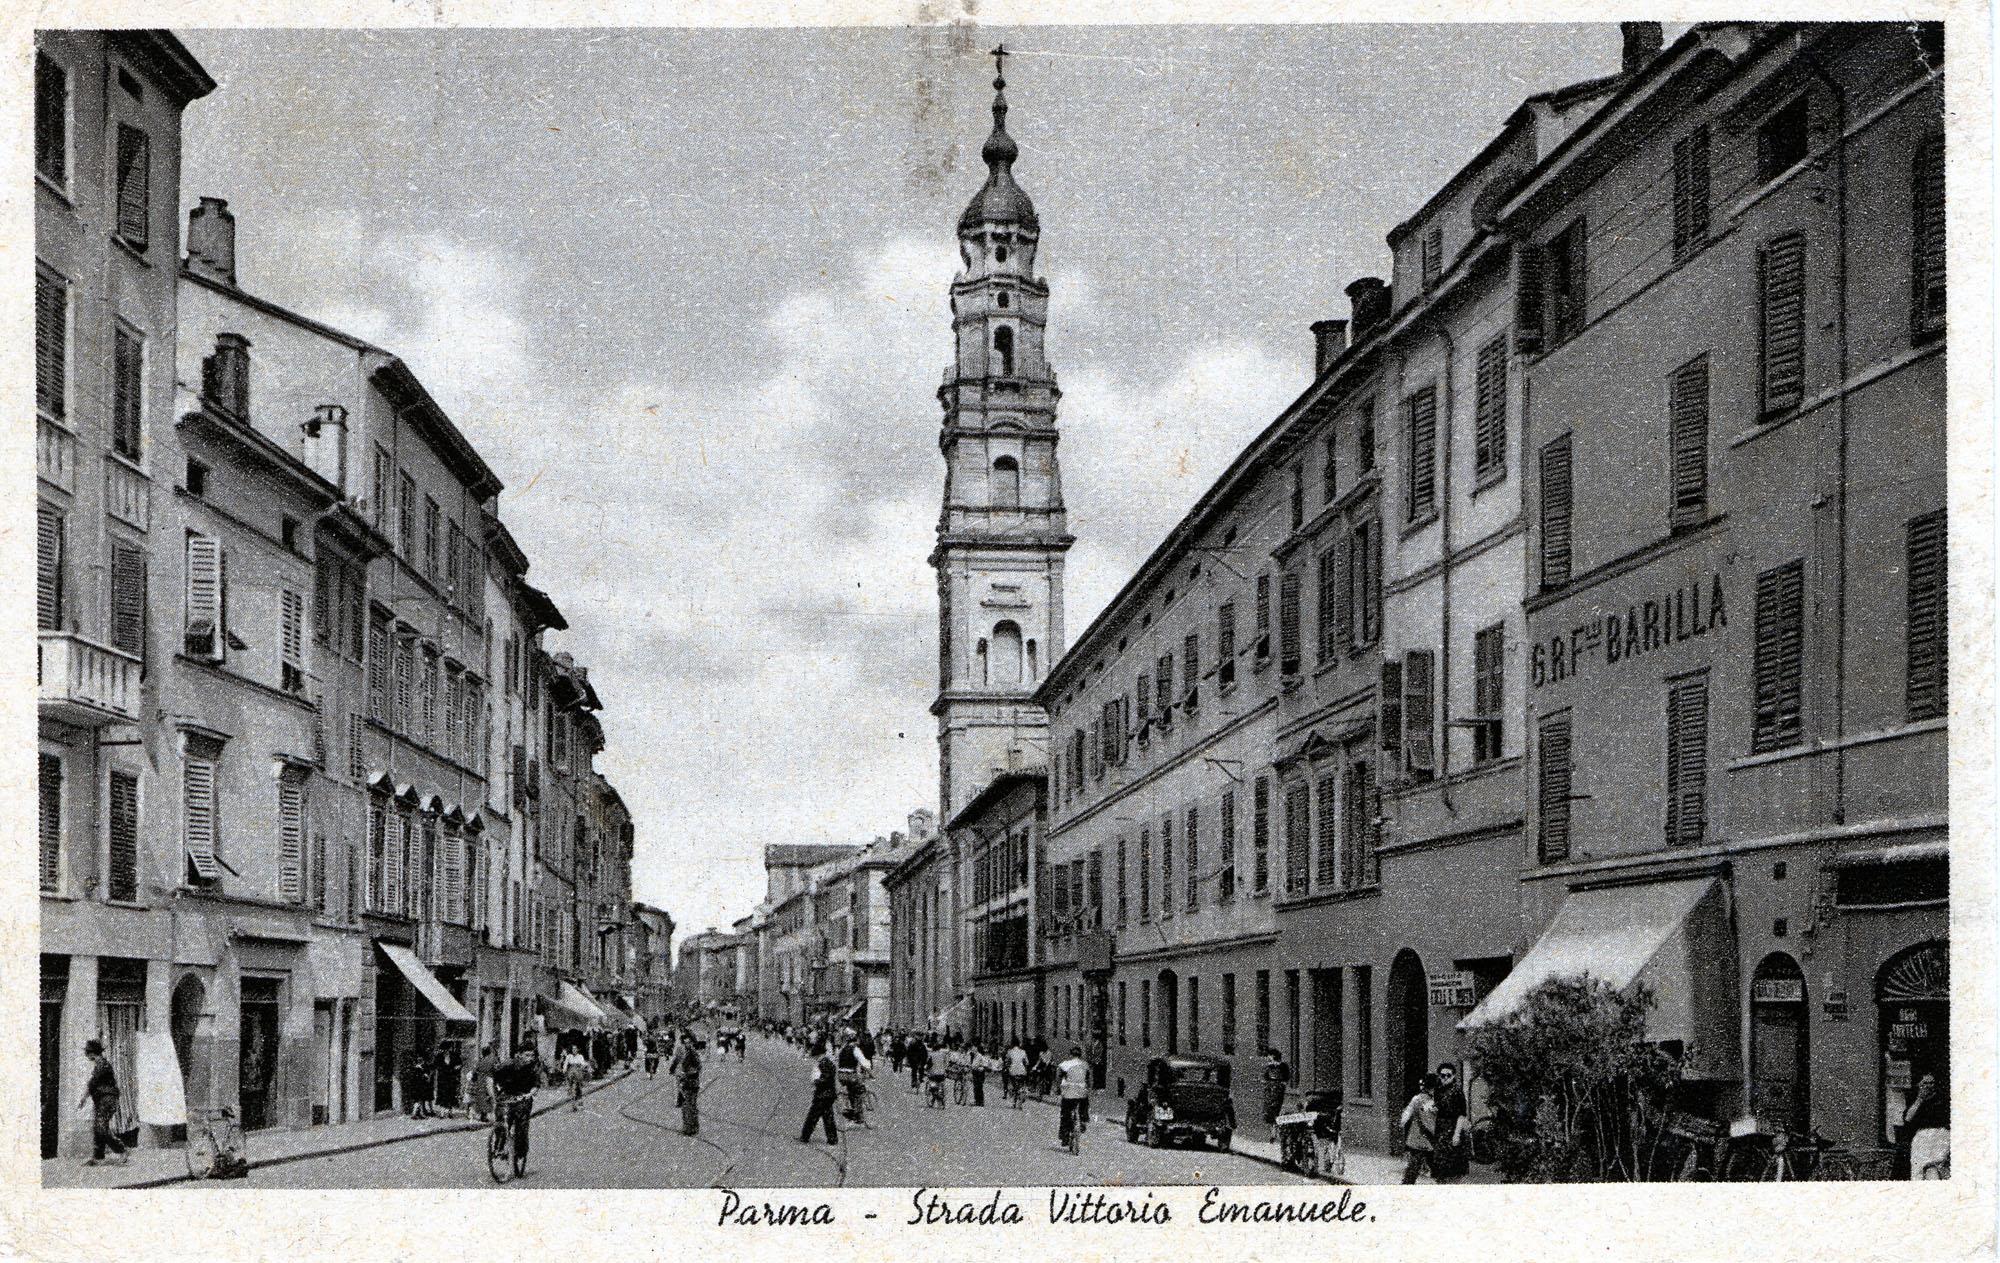 1877 - Il negozio Barilla in strada Vittorio Emanuele